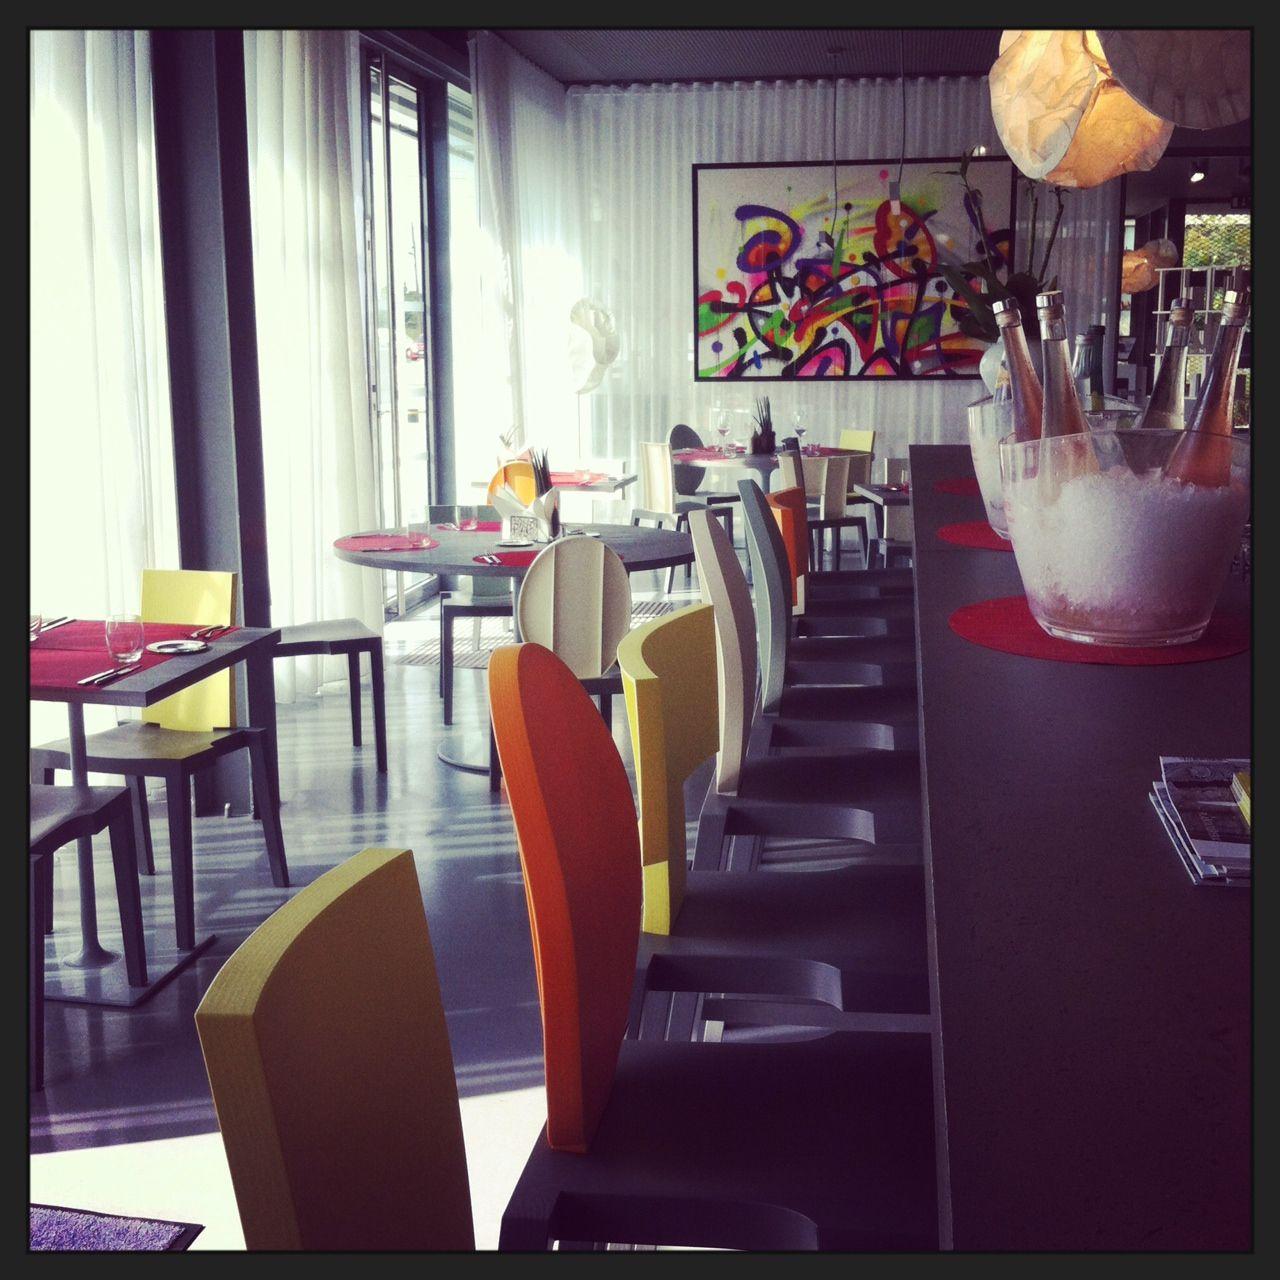 Tog S Invite Au Mia Restaurant Rbc Design Center Montpellier